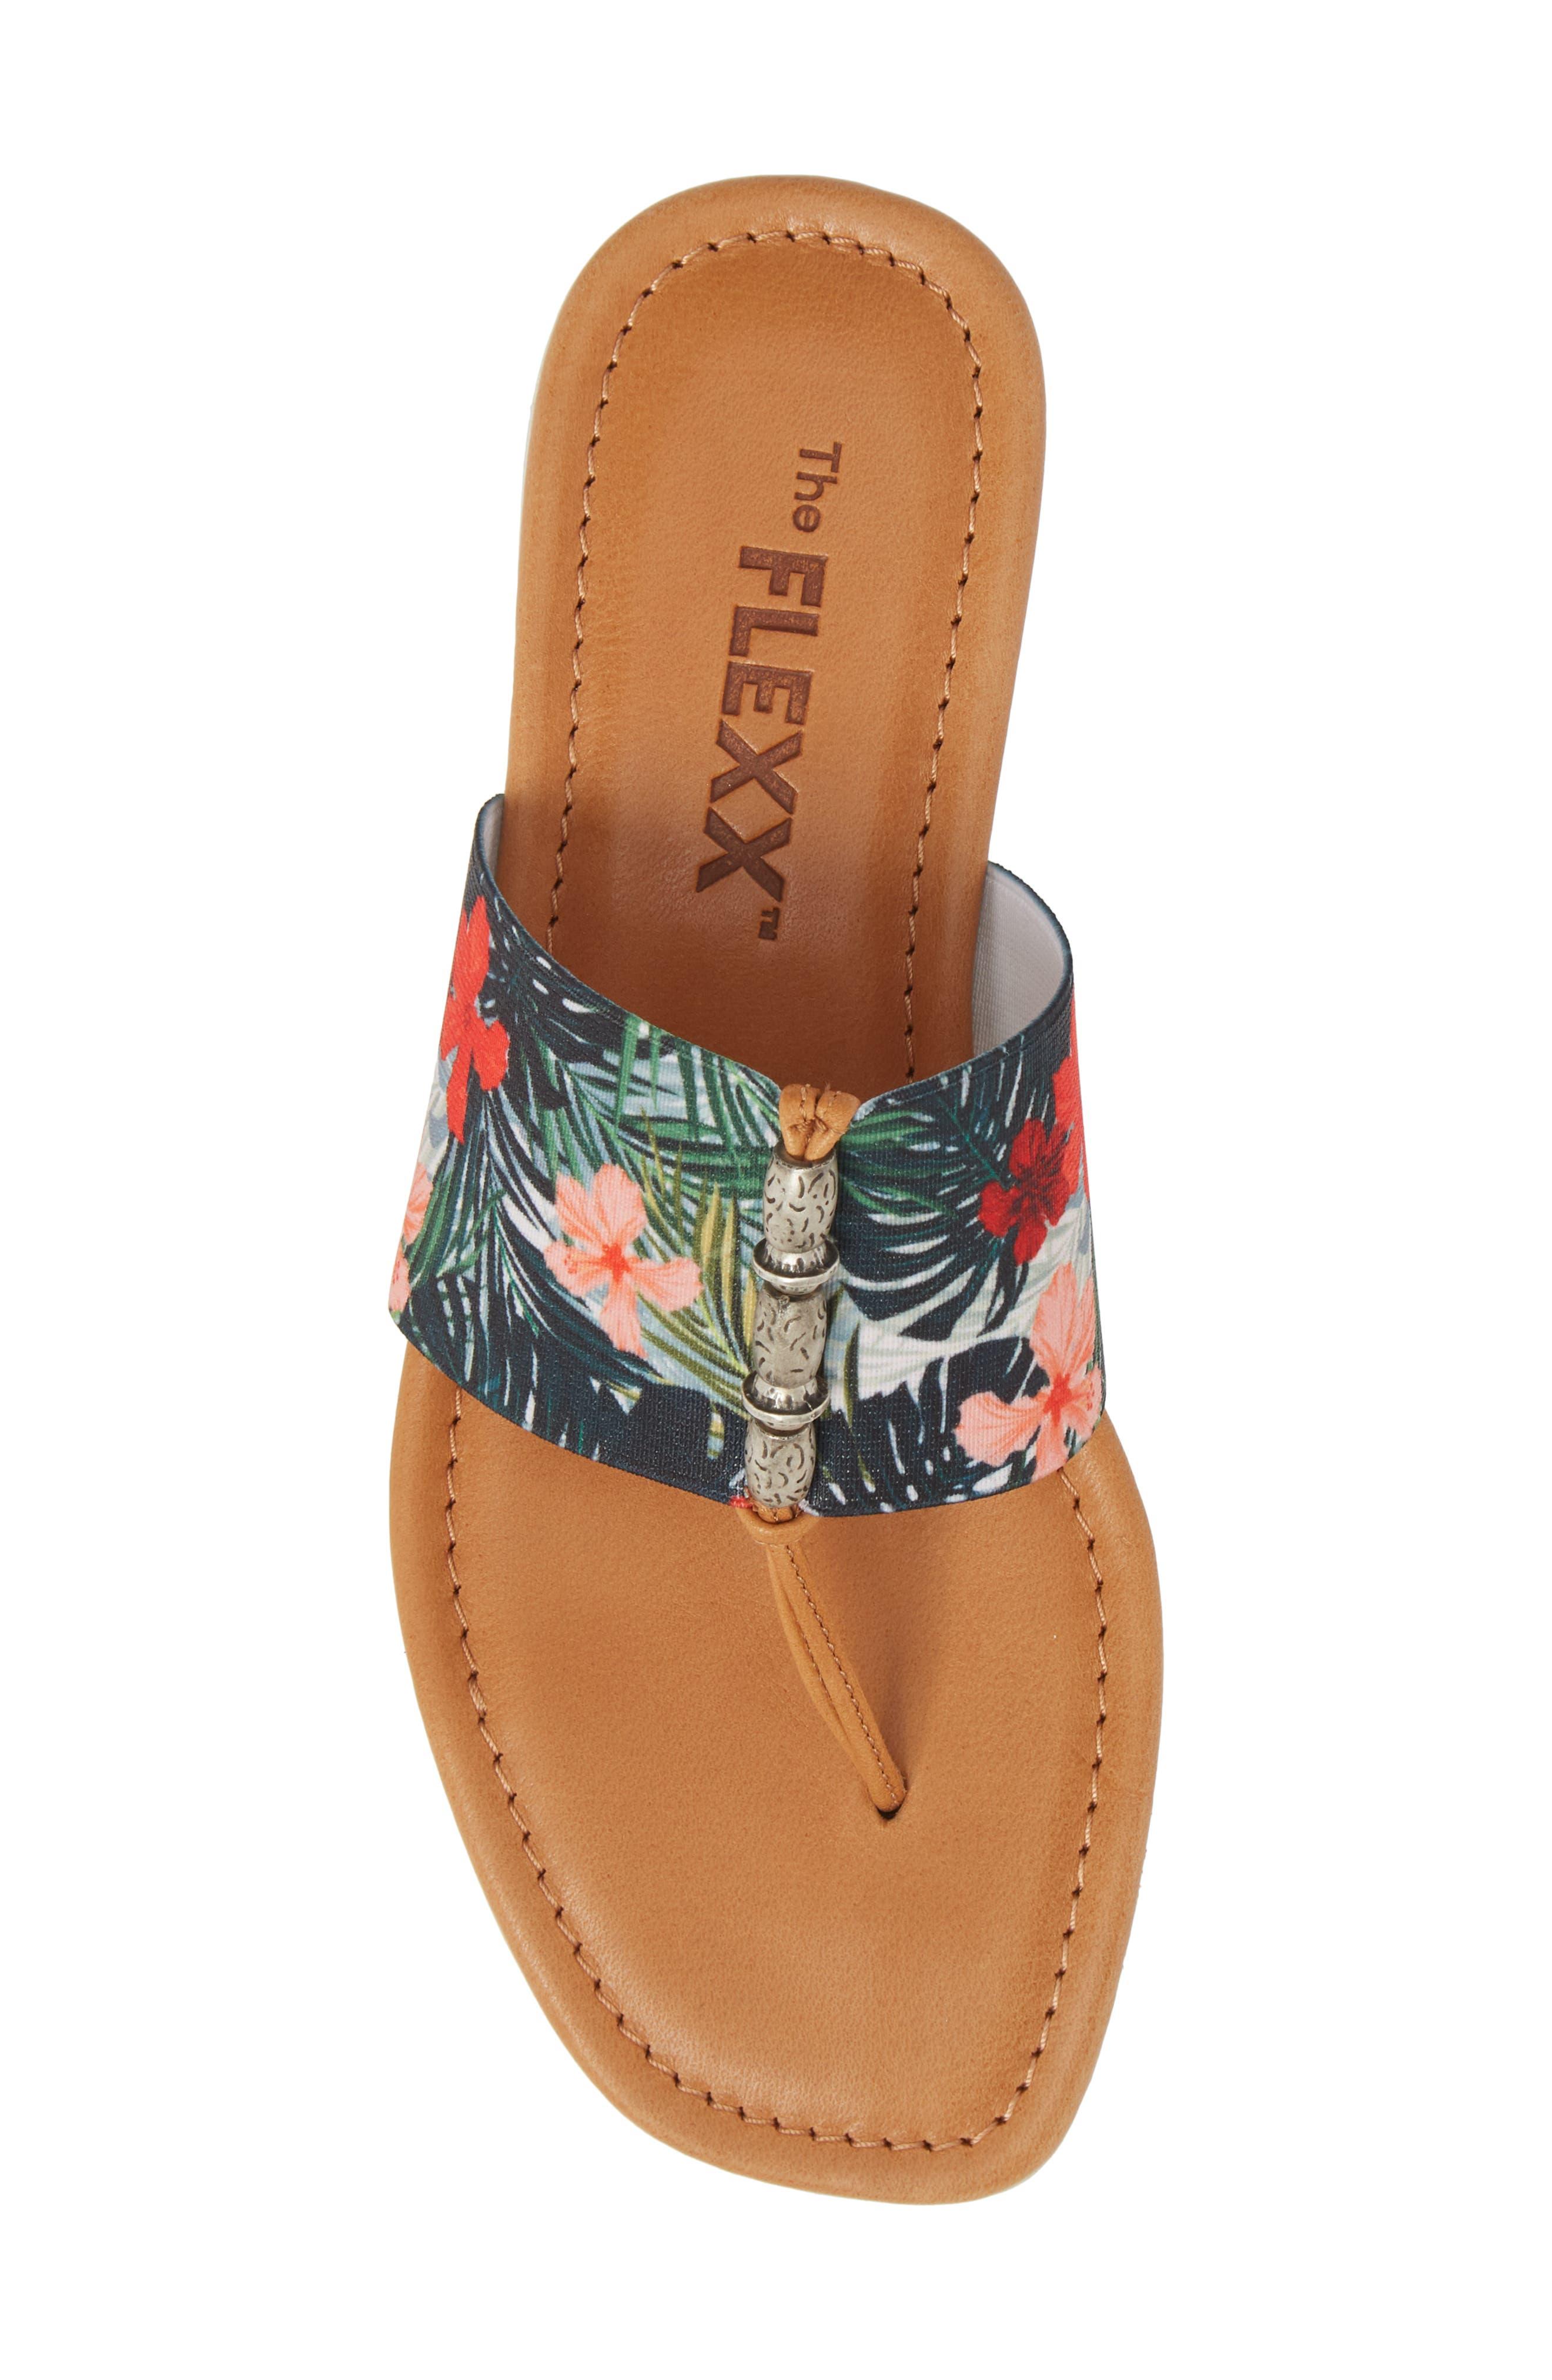 Rain Maker Sandal,                             Alternate thumbnail 5, color,                             Cognac Tropical Leather